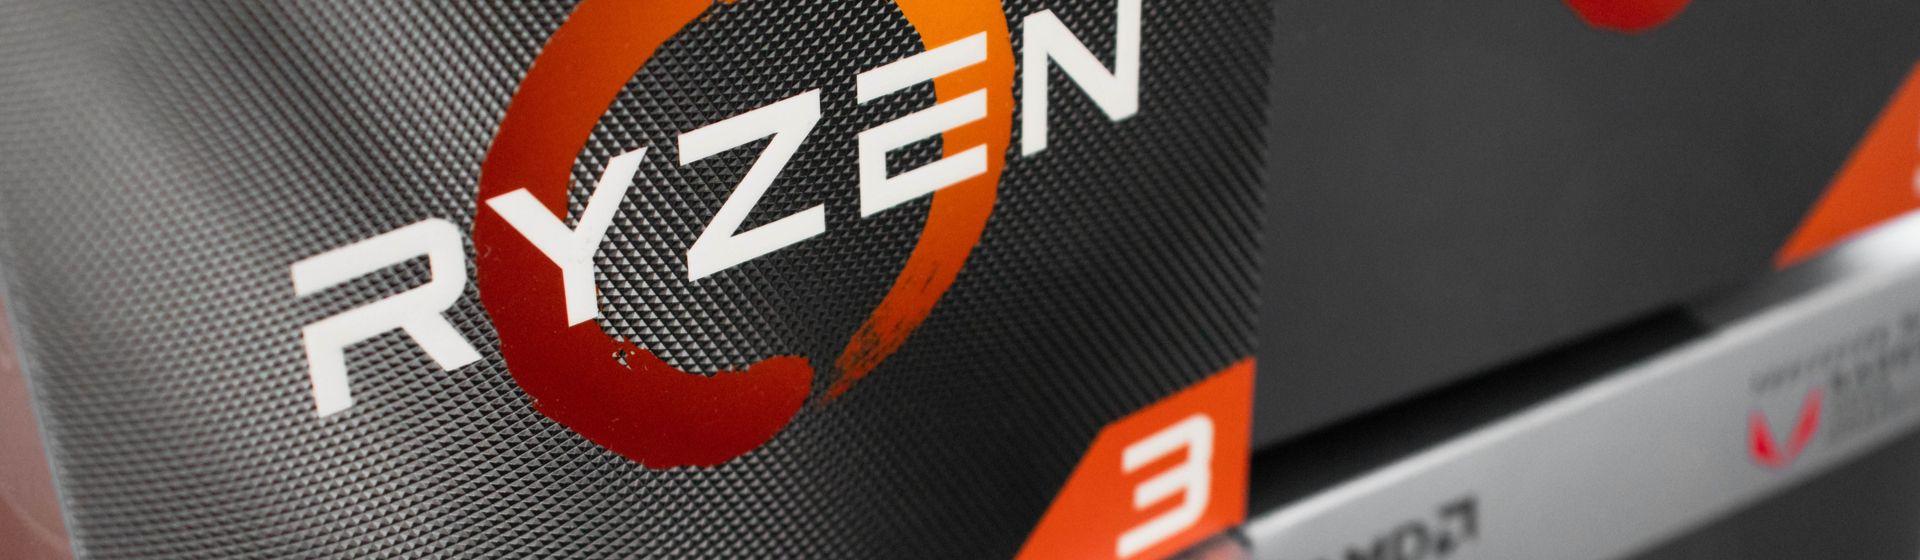 Processador AMD Ryzen 3 é bom? Saiba tudo e veja opções para comprar